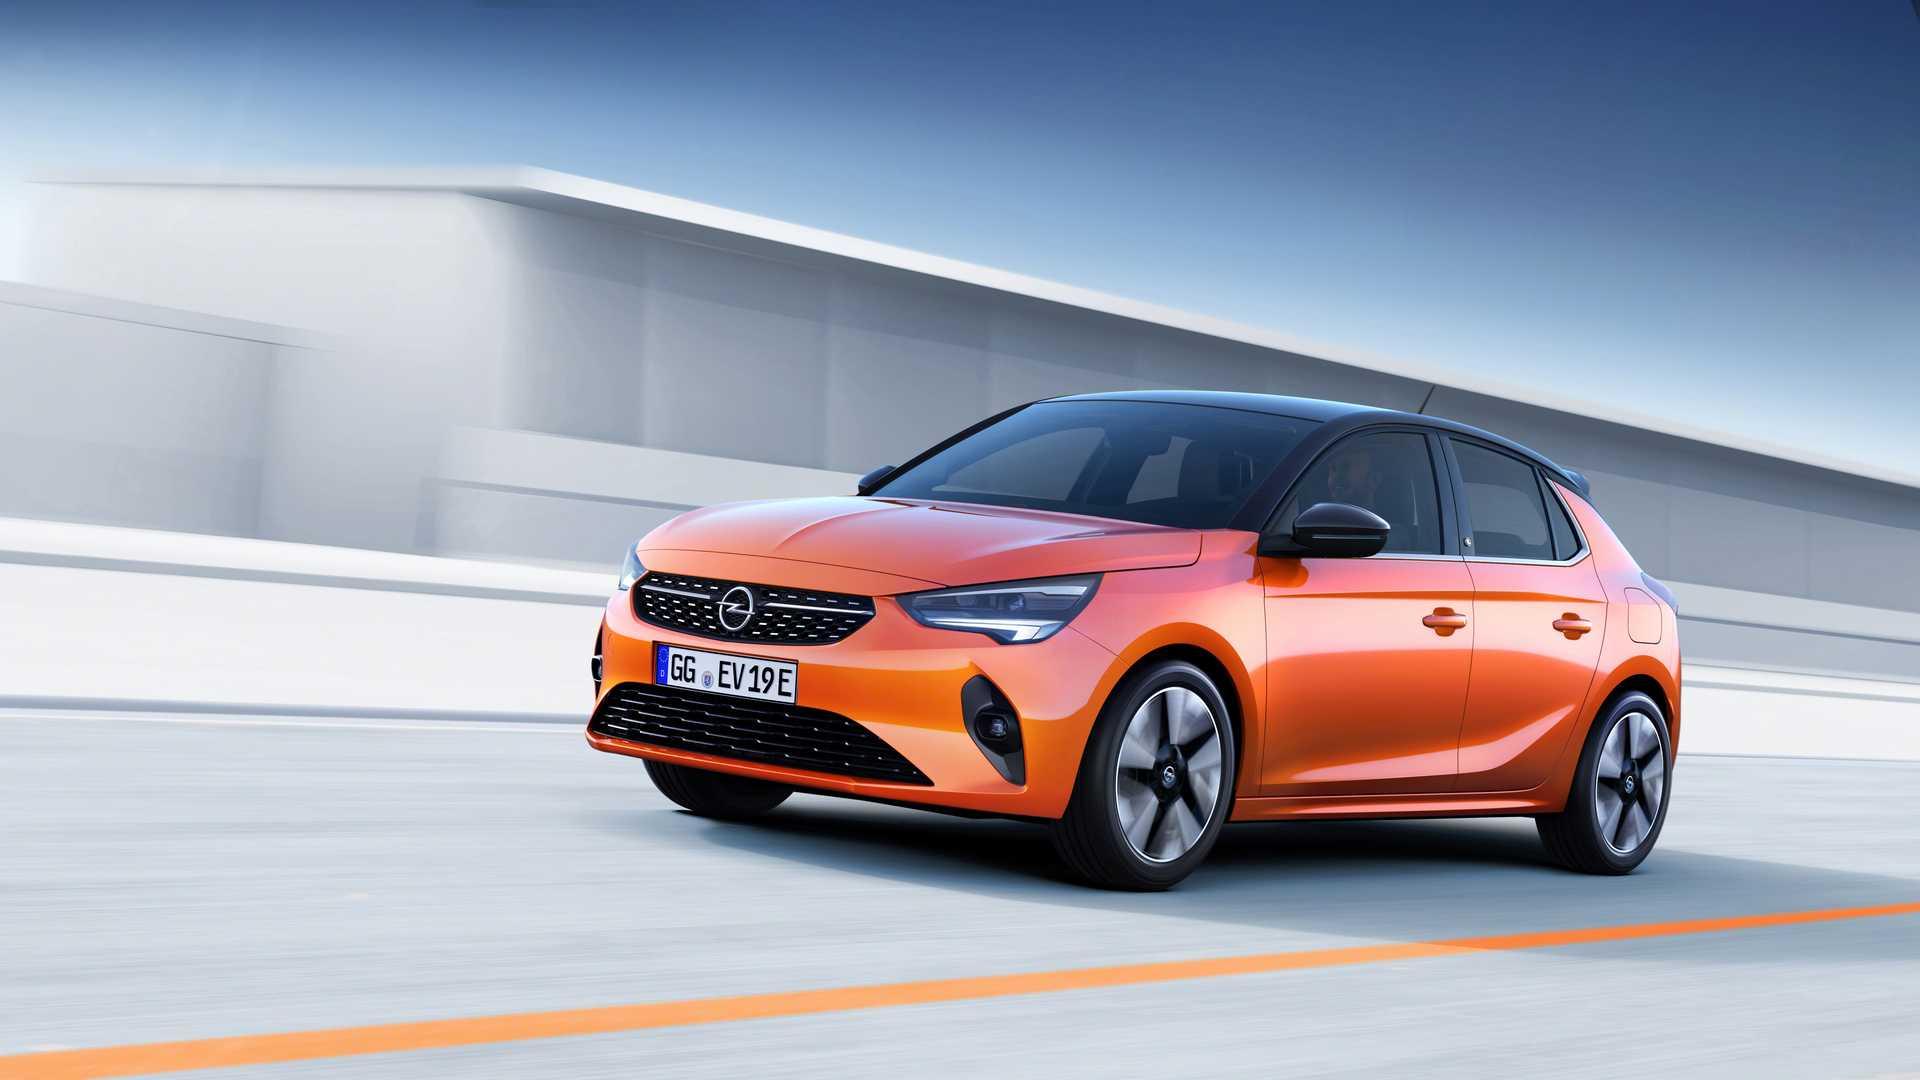 Представлена новая Opel Corsa – пока в электроварианте 1